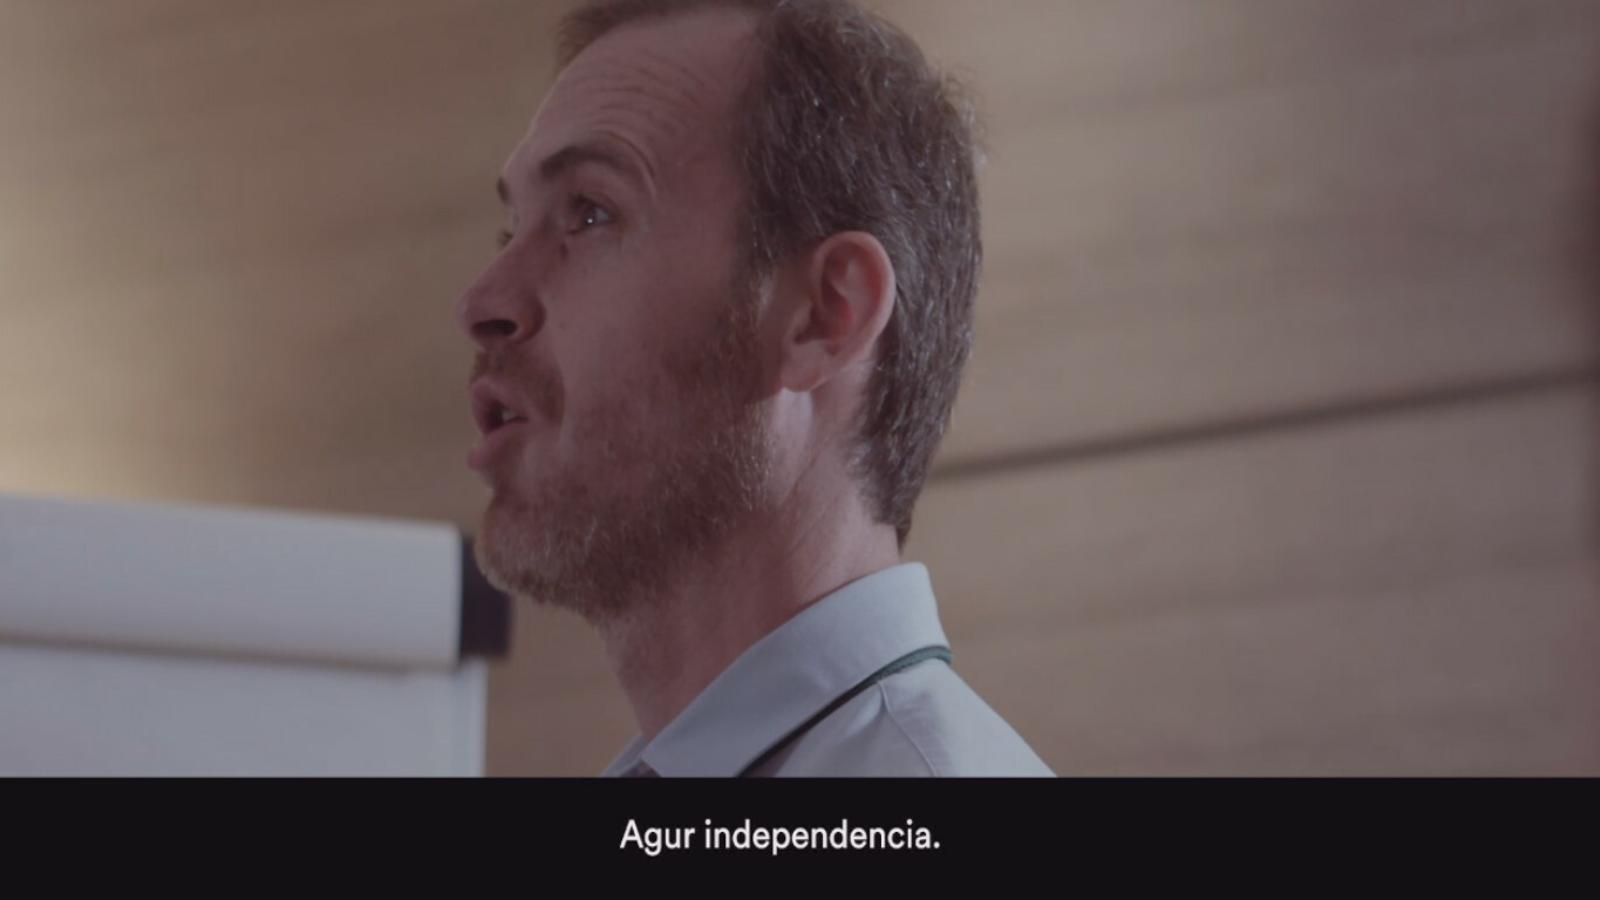 Un nou vídeo de Ciutadans mostra un PNB deprimit per la victòria de Rivera